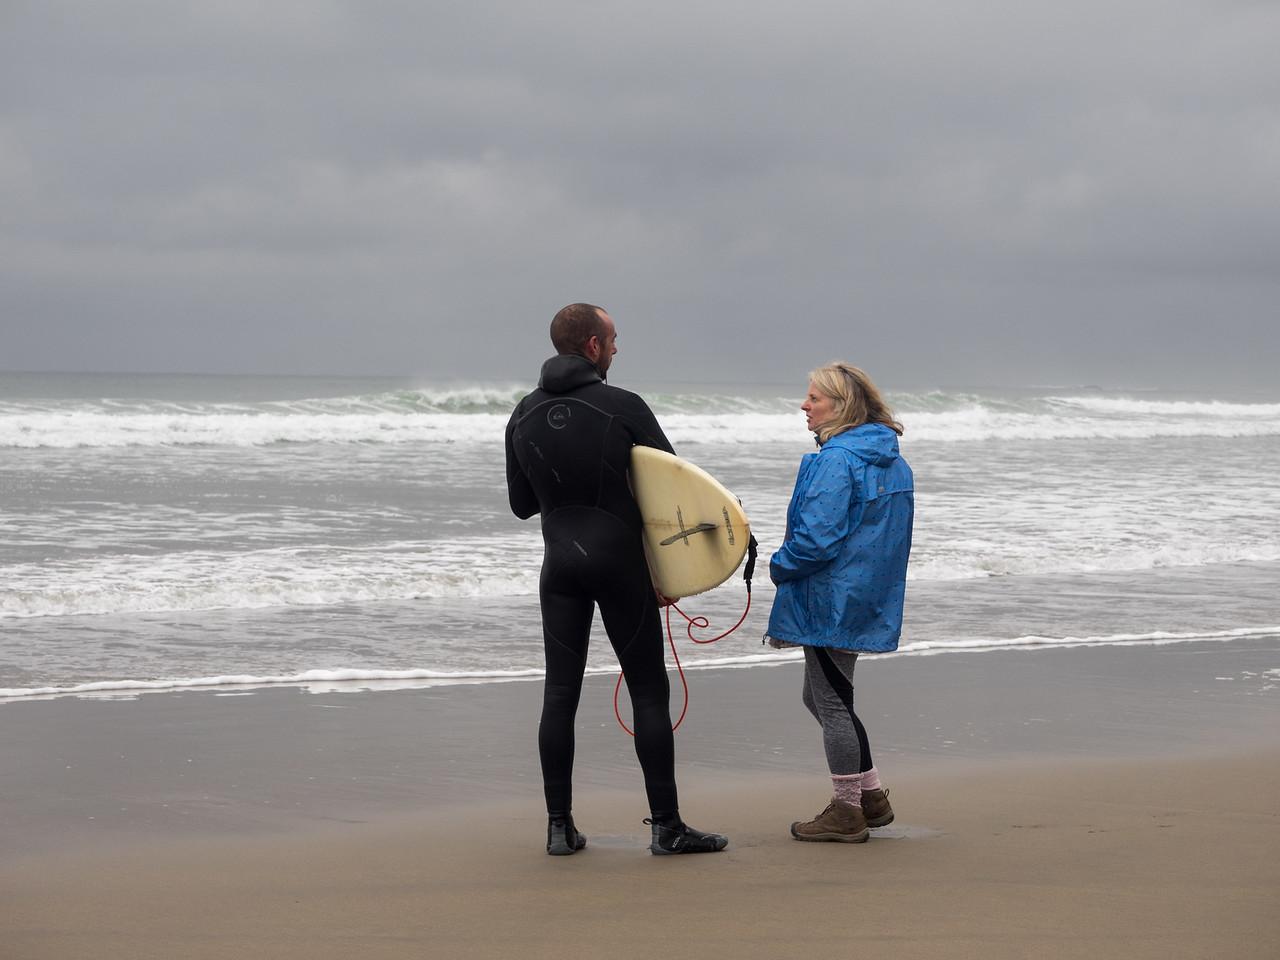 Surfing talk.